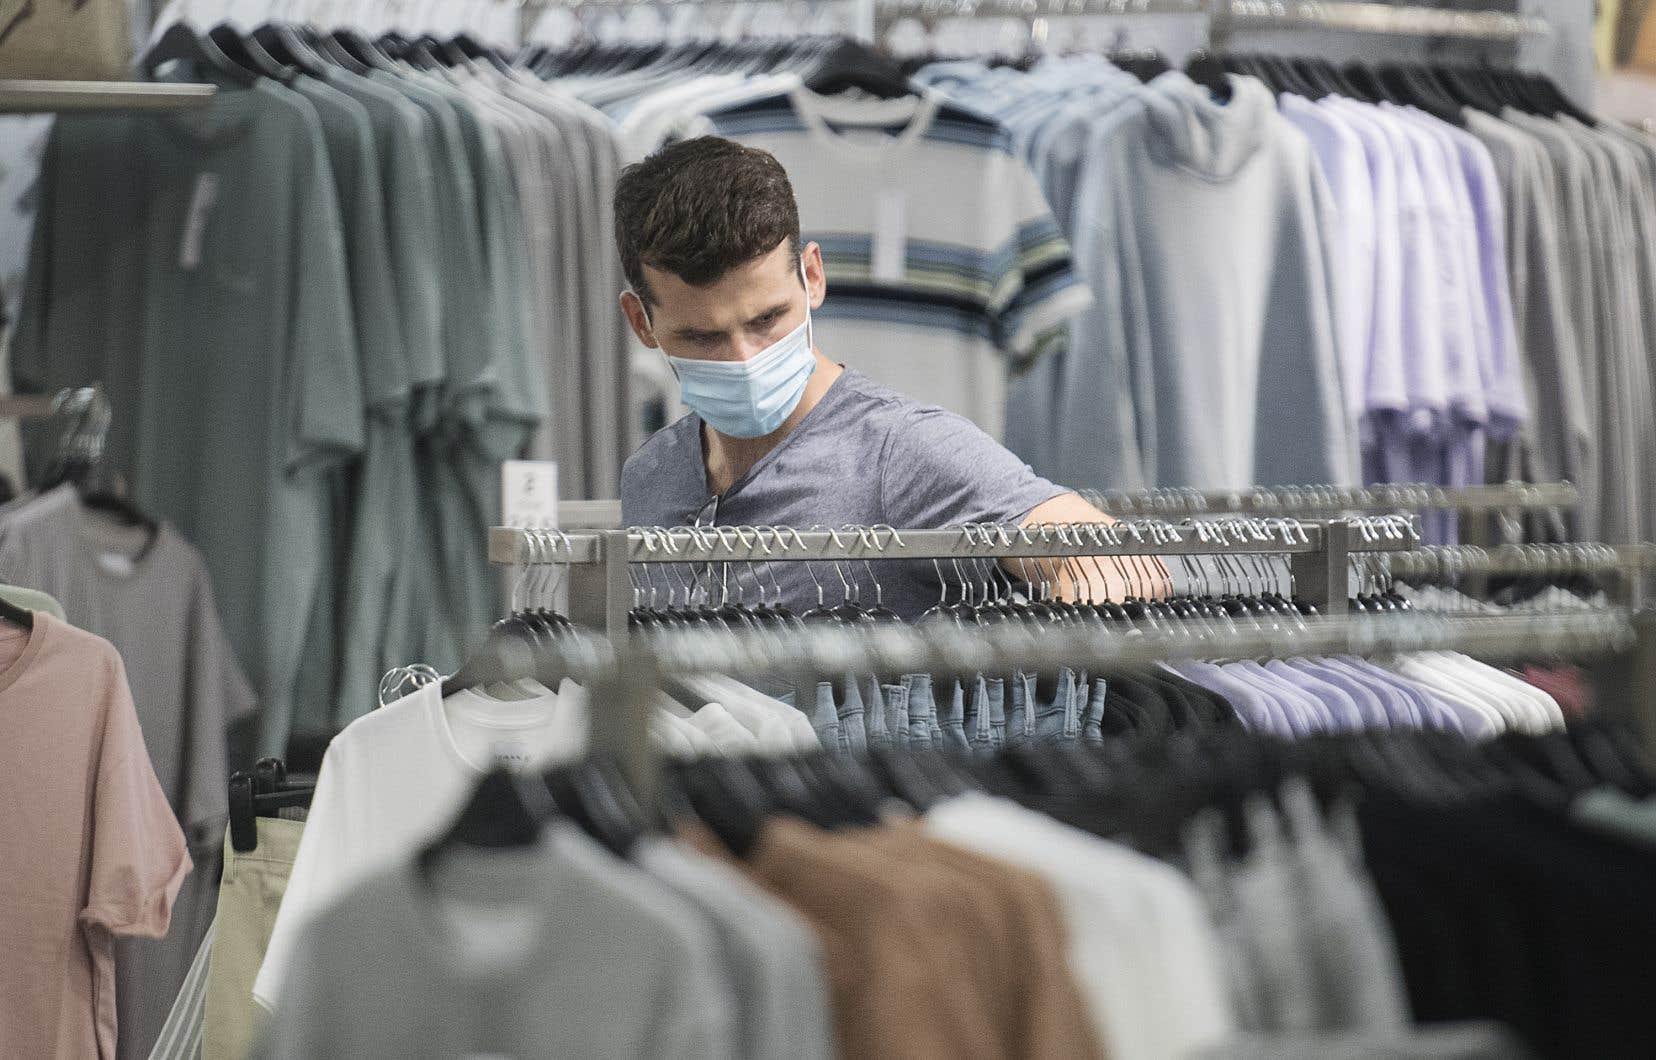 Les ventes ont progressé dans tous les secteurs, mais celui du vêtement a connu la plus grande croissance avec celui de l'automobile.